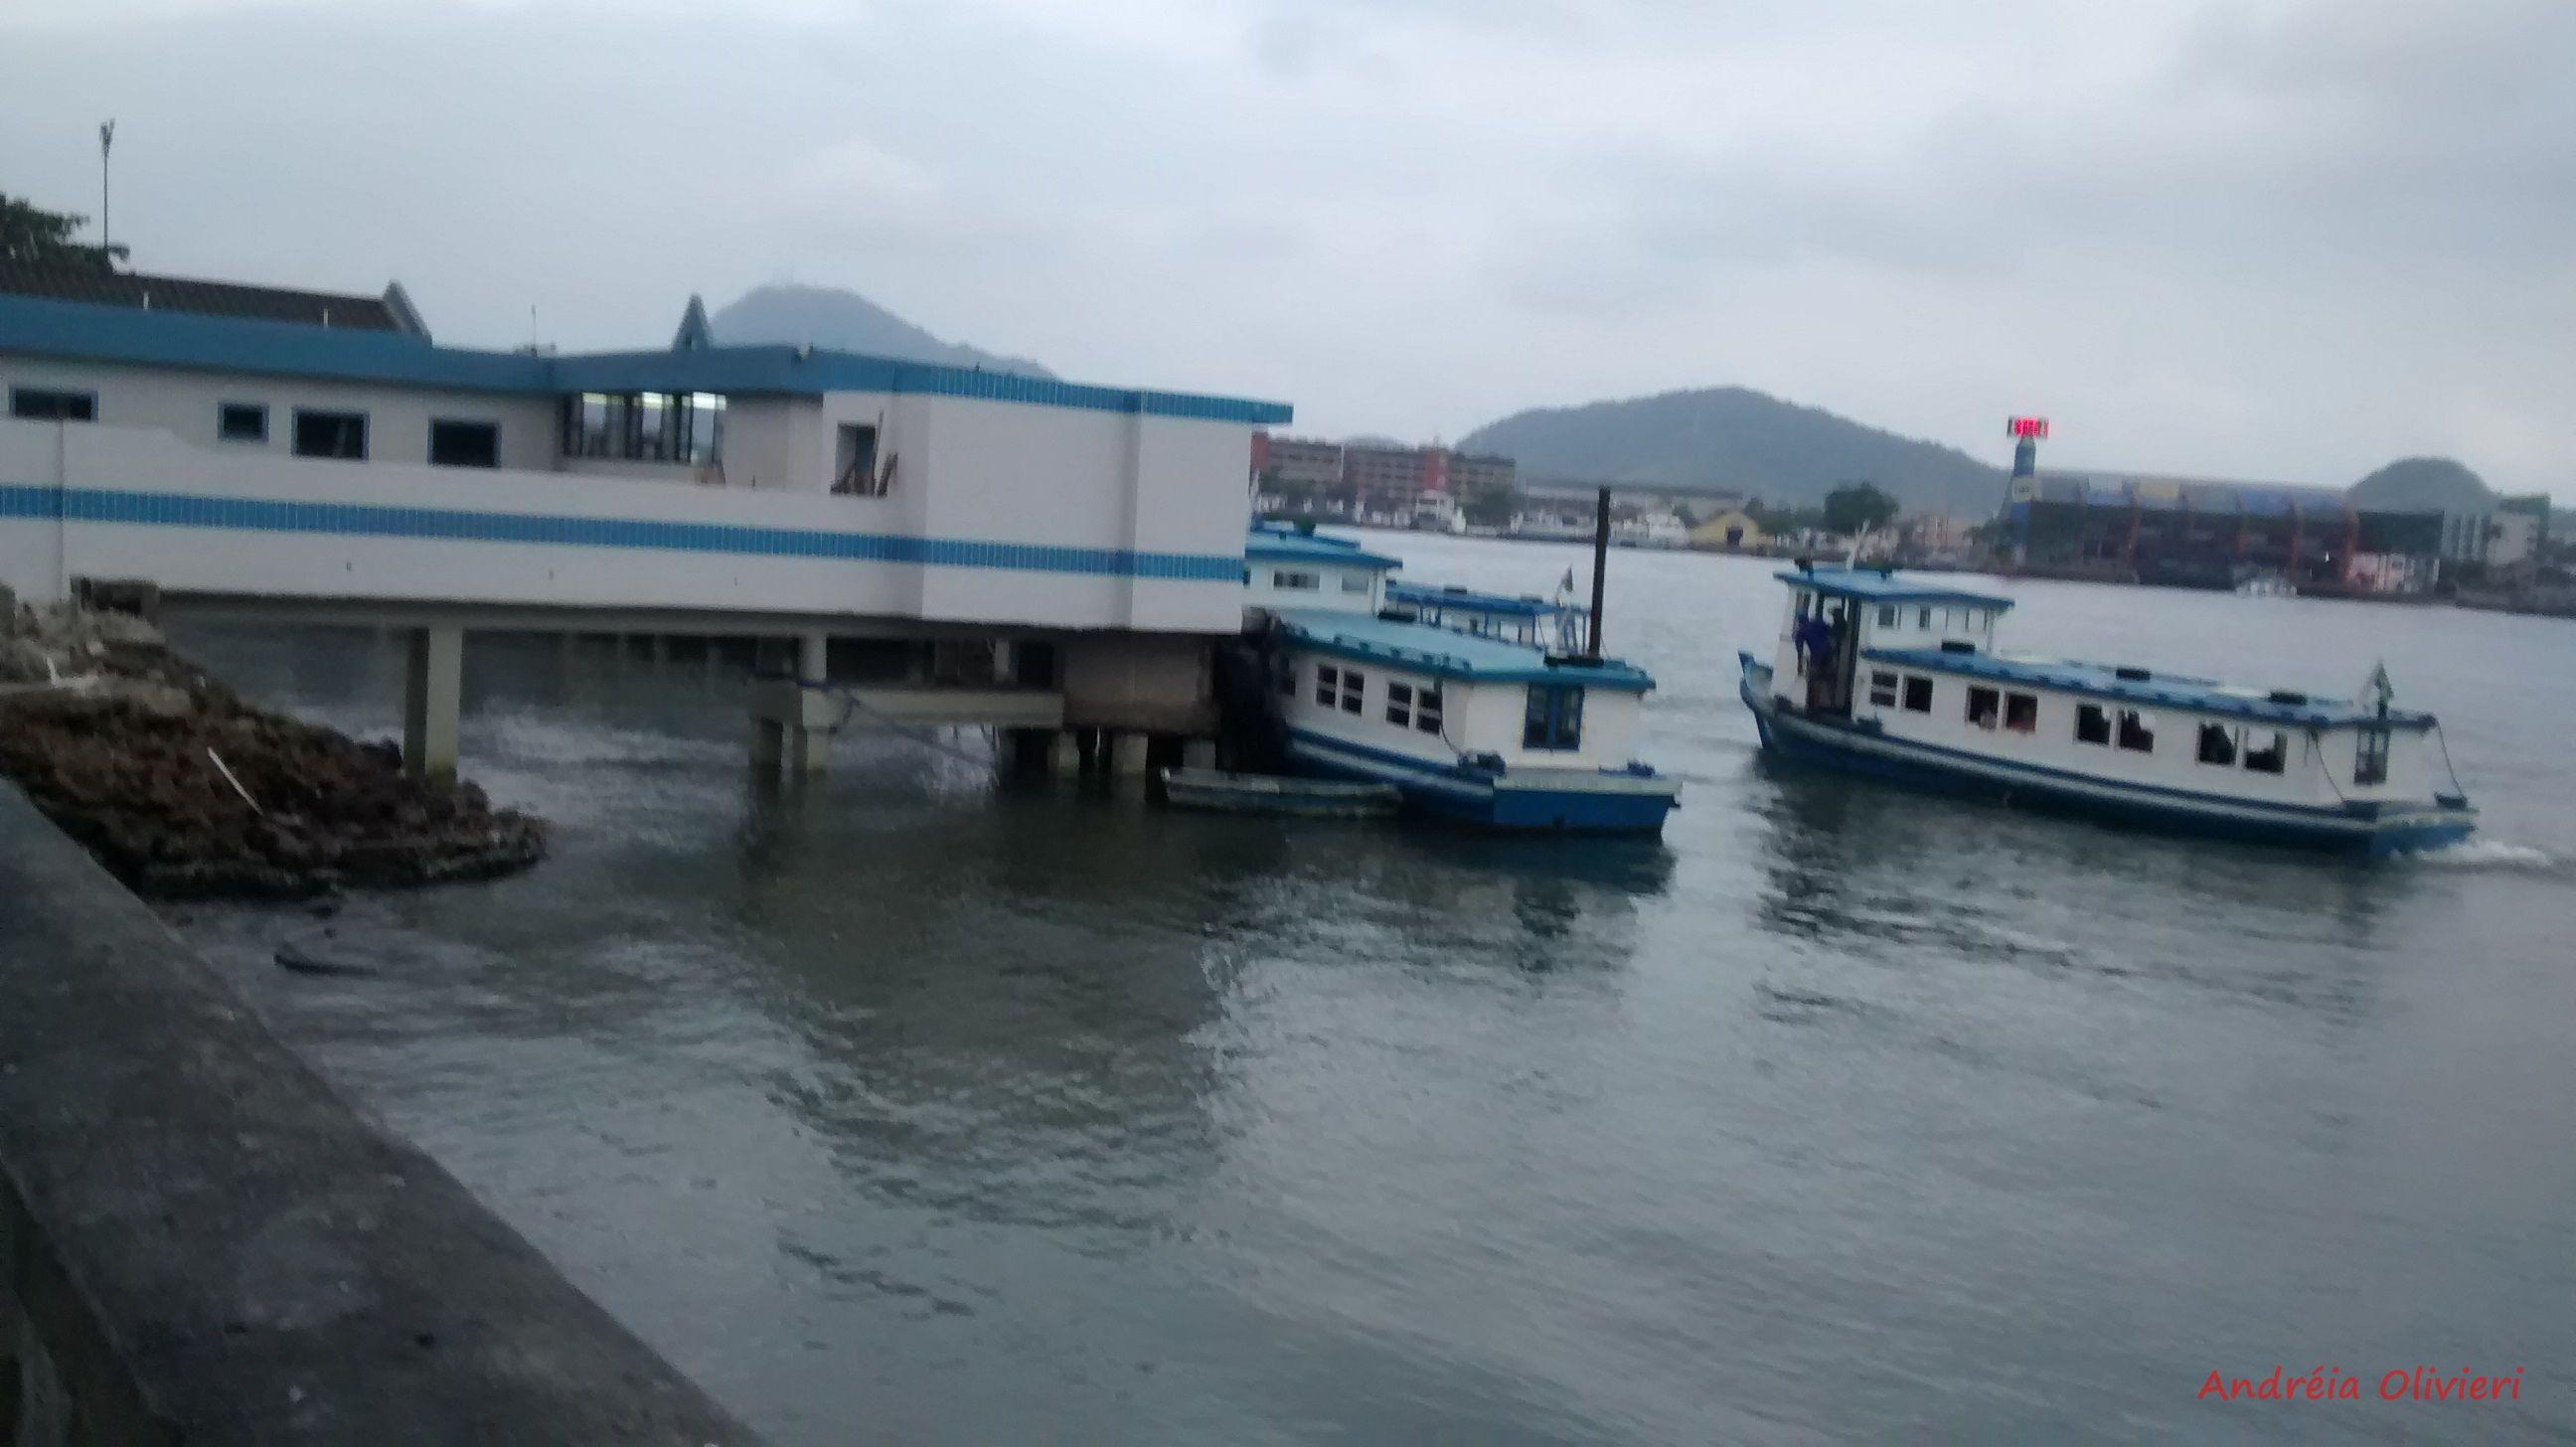 Estação das barcas -Travessia Santos Guarujá - Ponta da praia